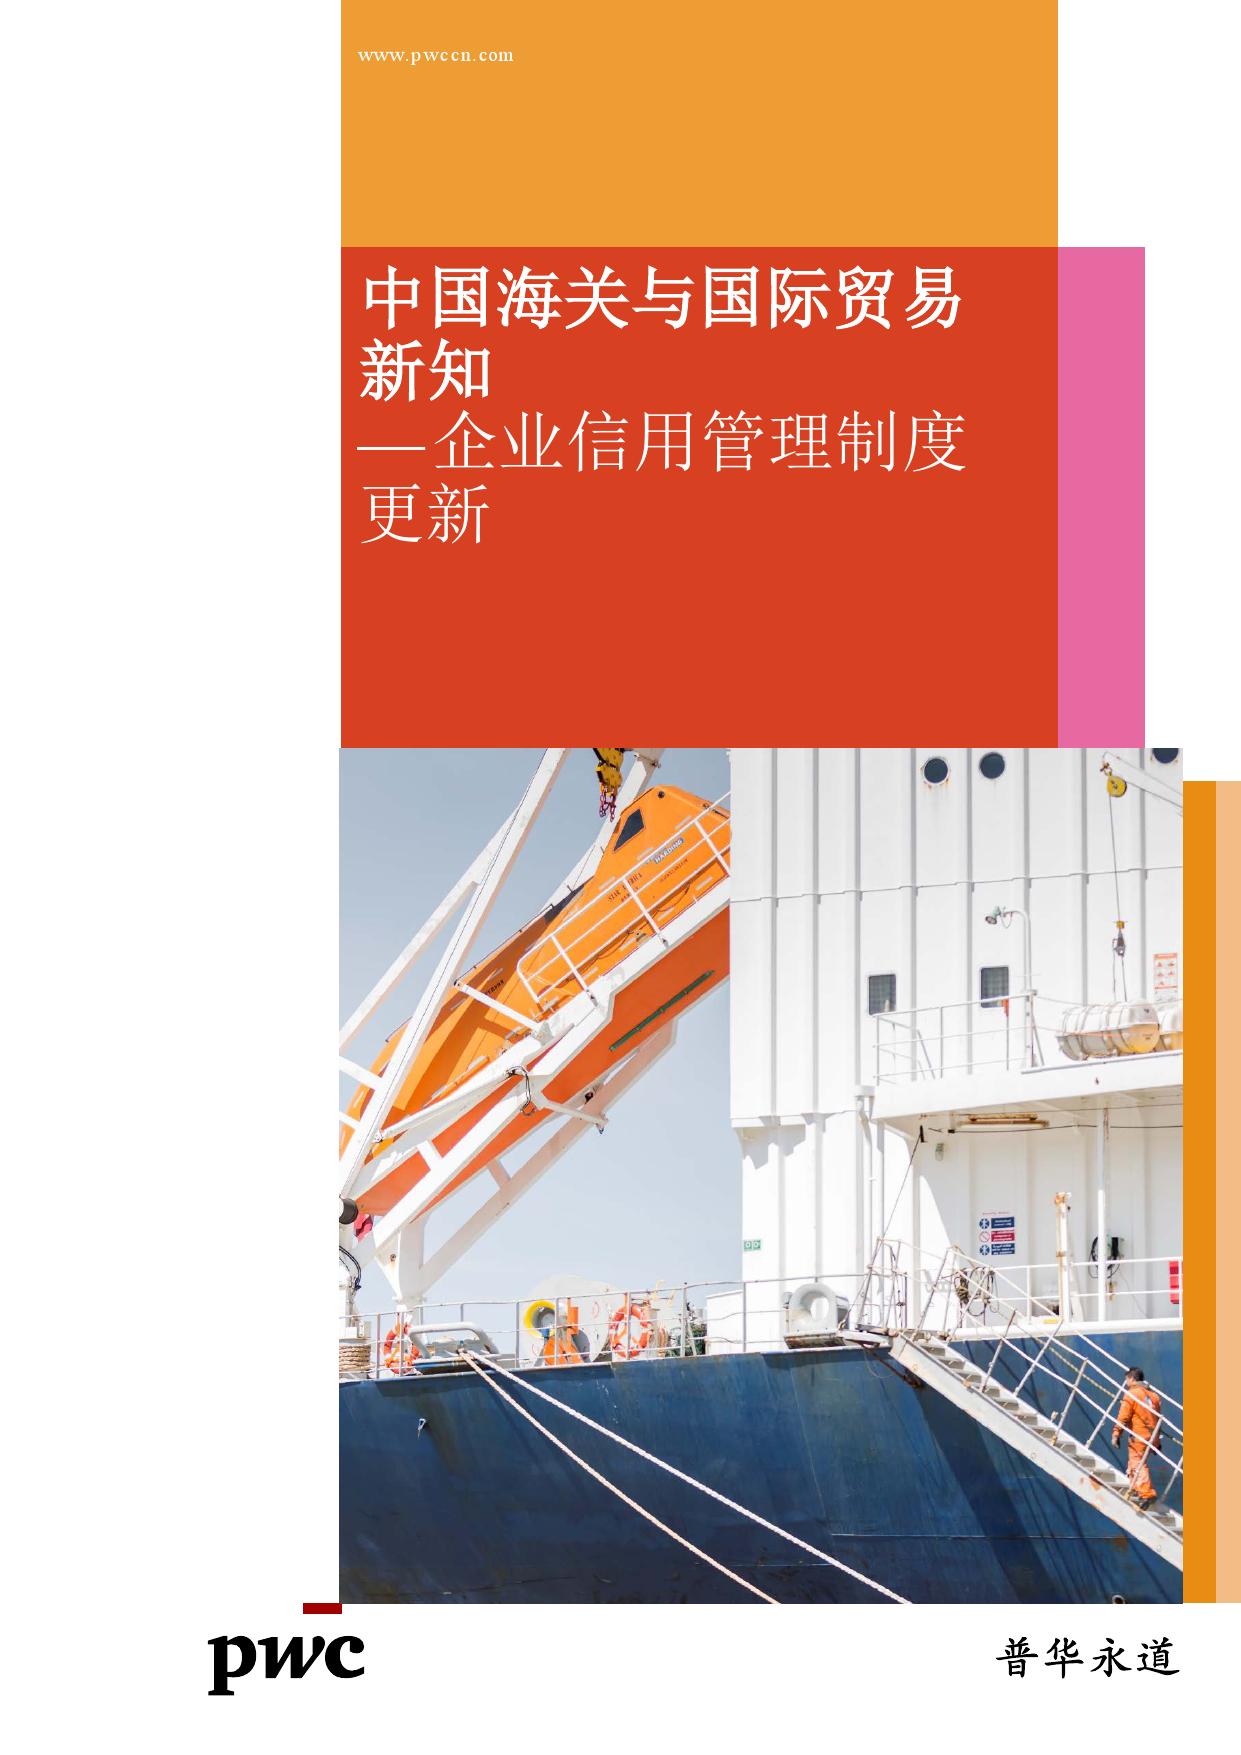 普华永道:企业信用管理制度更新(附下载)